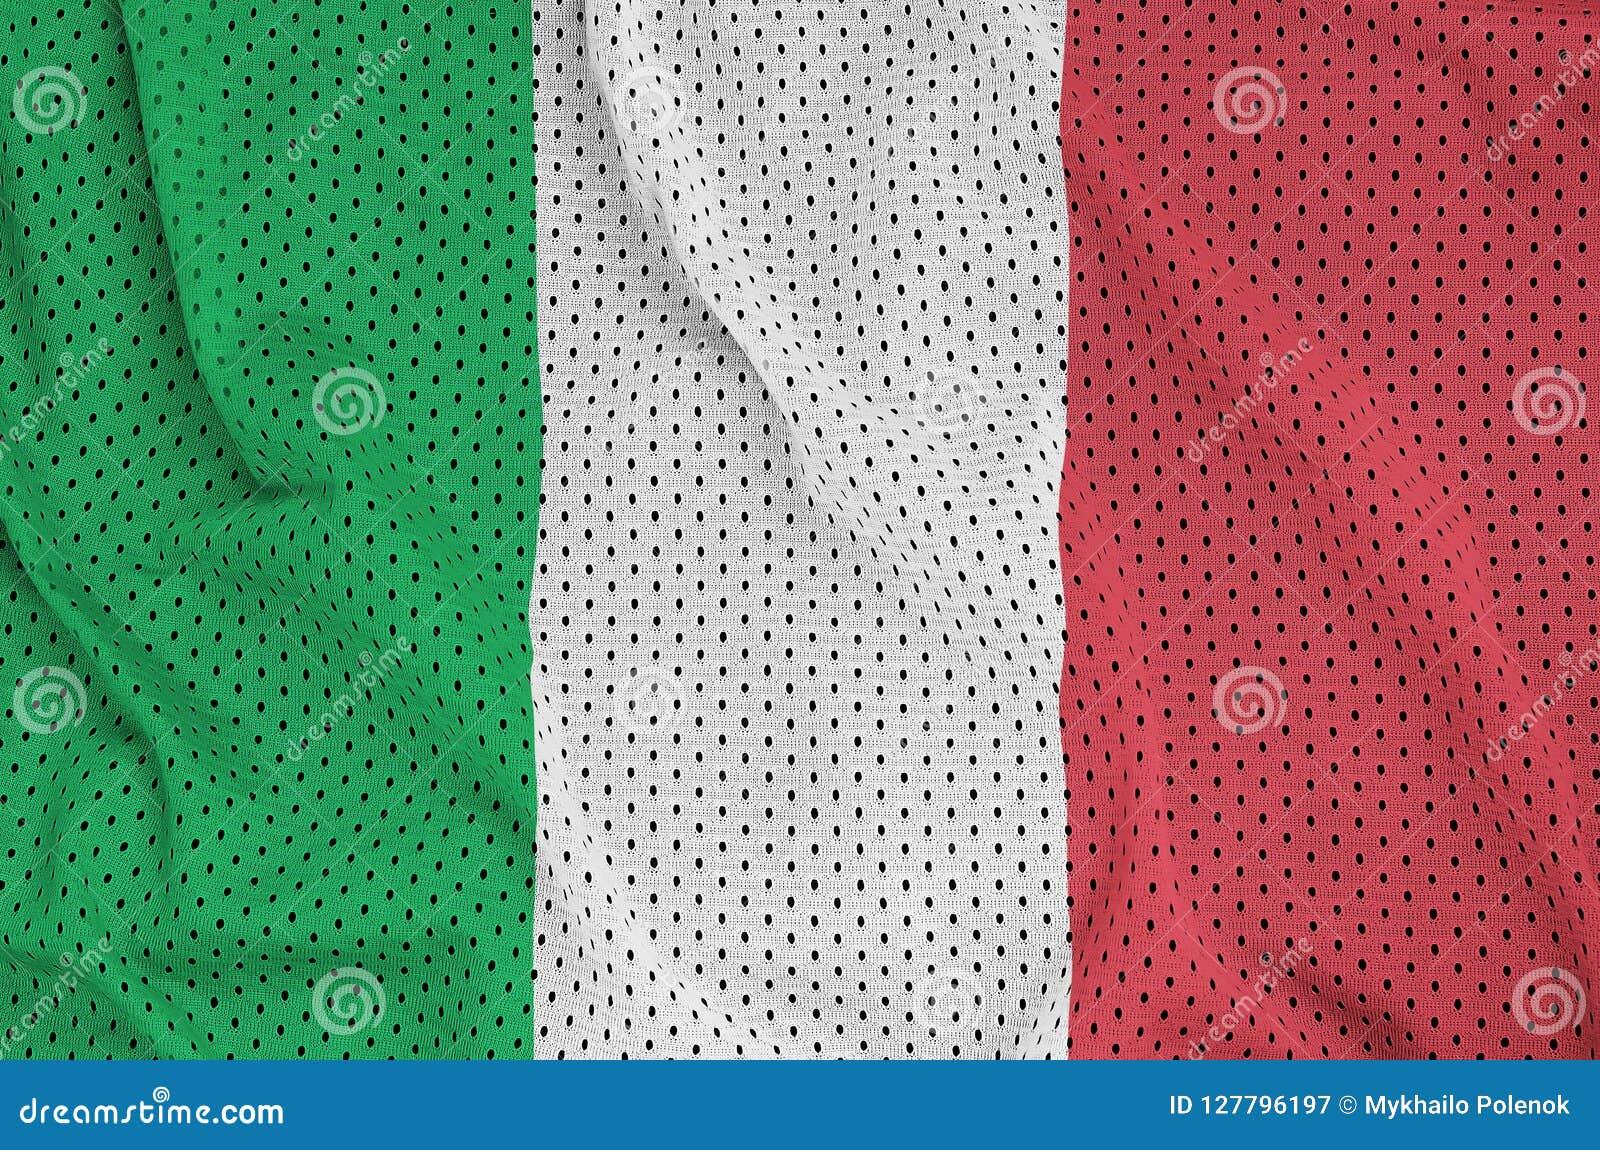 Σημαία της Ιταλίας που τυπώνεται σε ένα sportswear πολυεστέρα νάυλον ύφασμα W πλέγματος